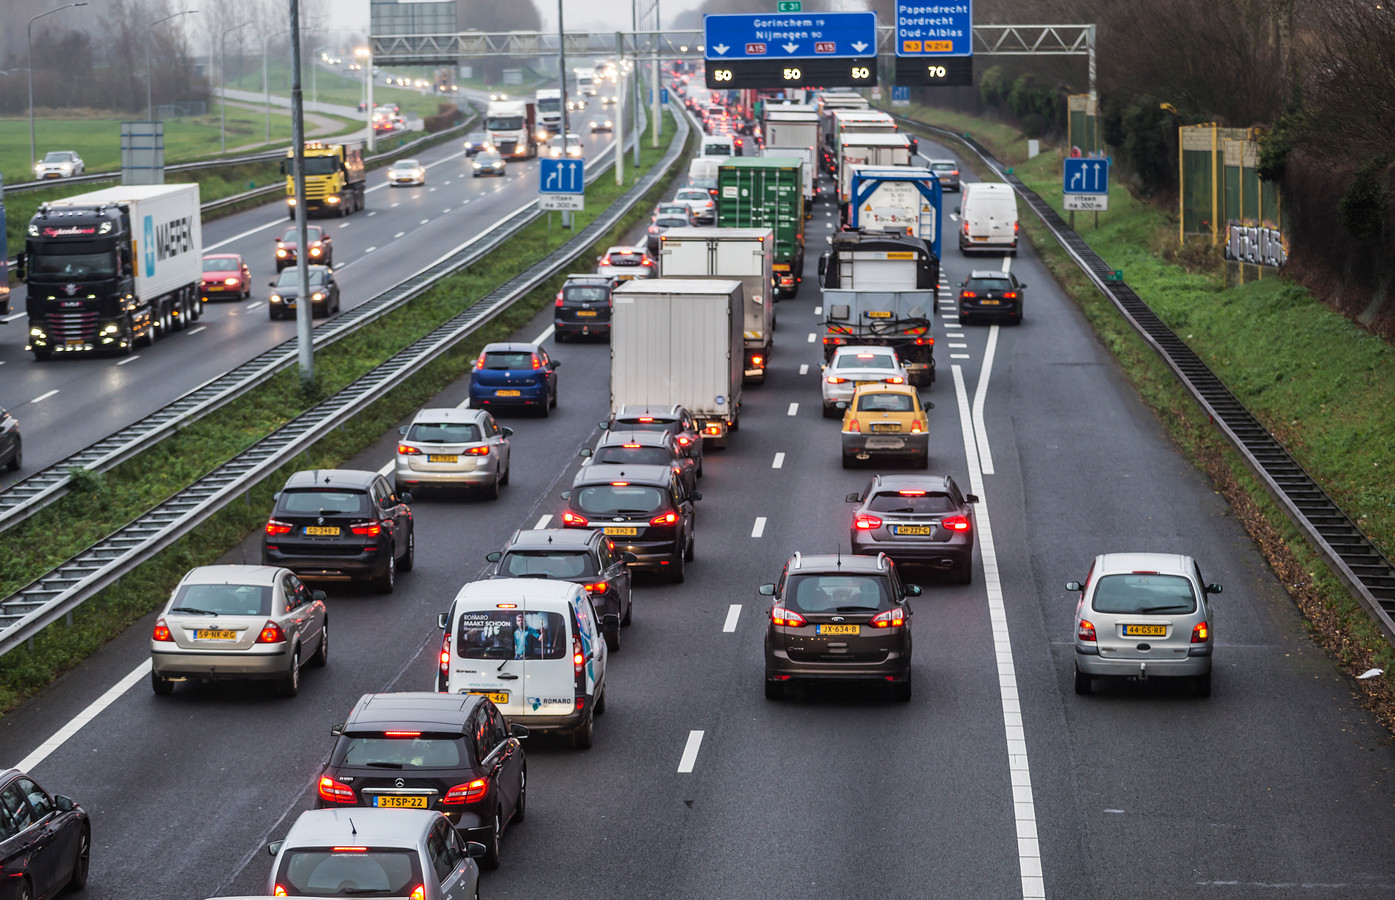 Rijden over de vluchtstrook kan uitdraaien op een boete van 380 euro.